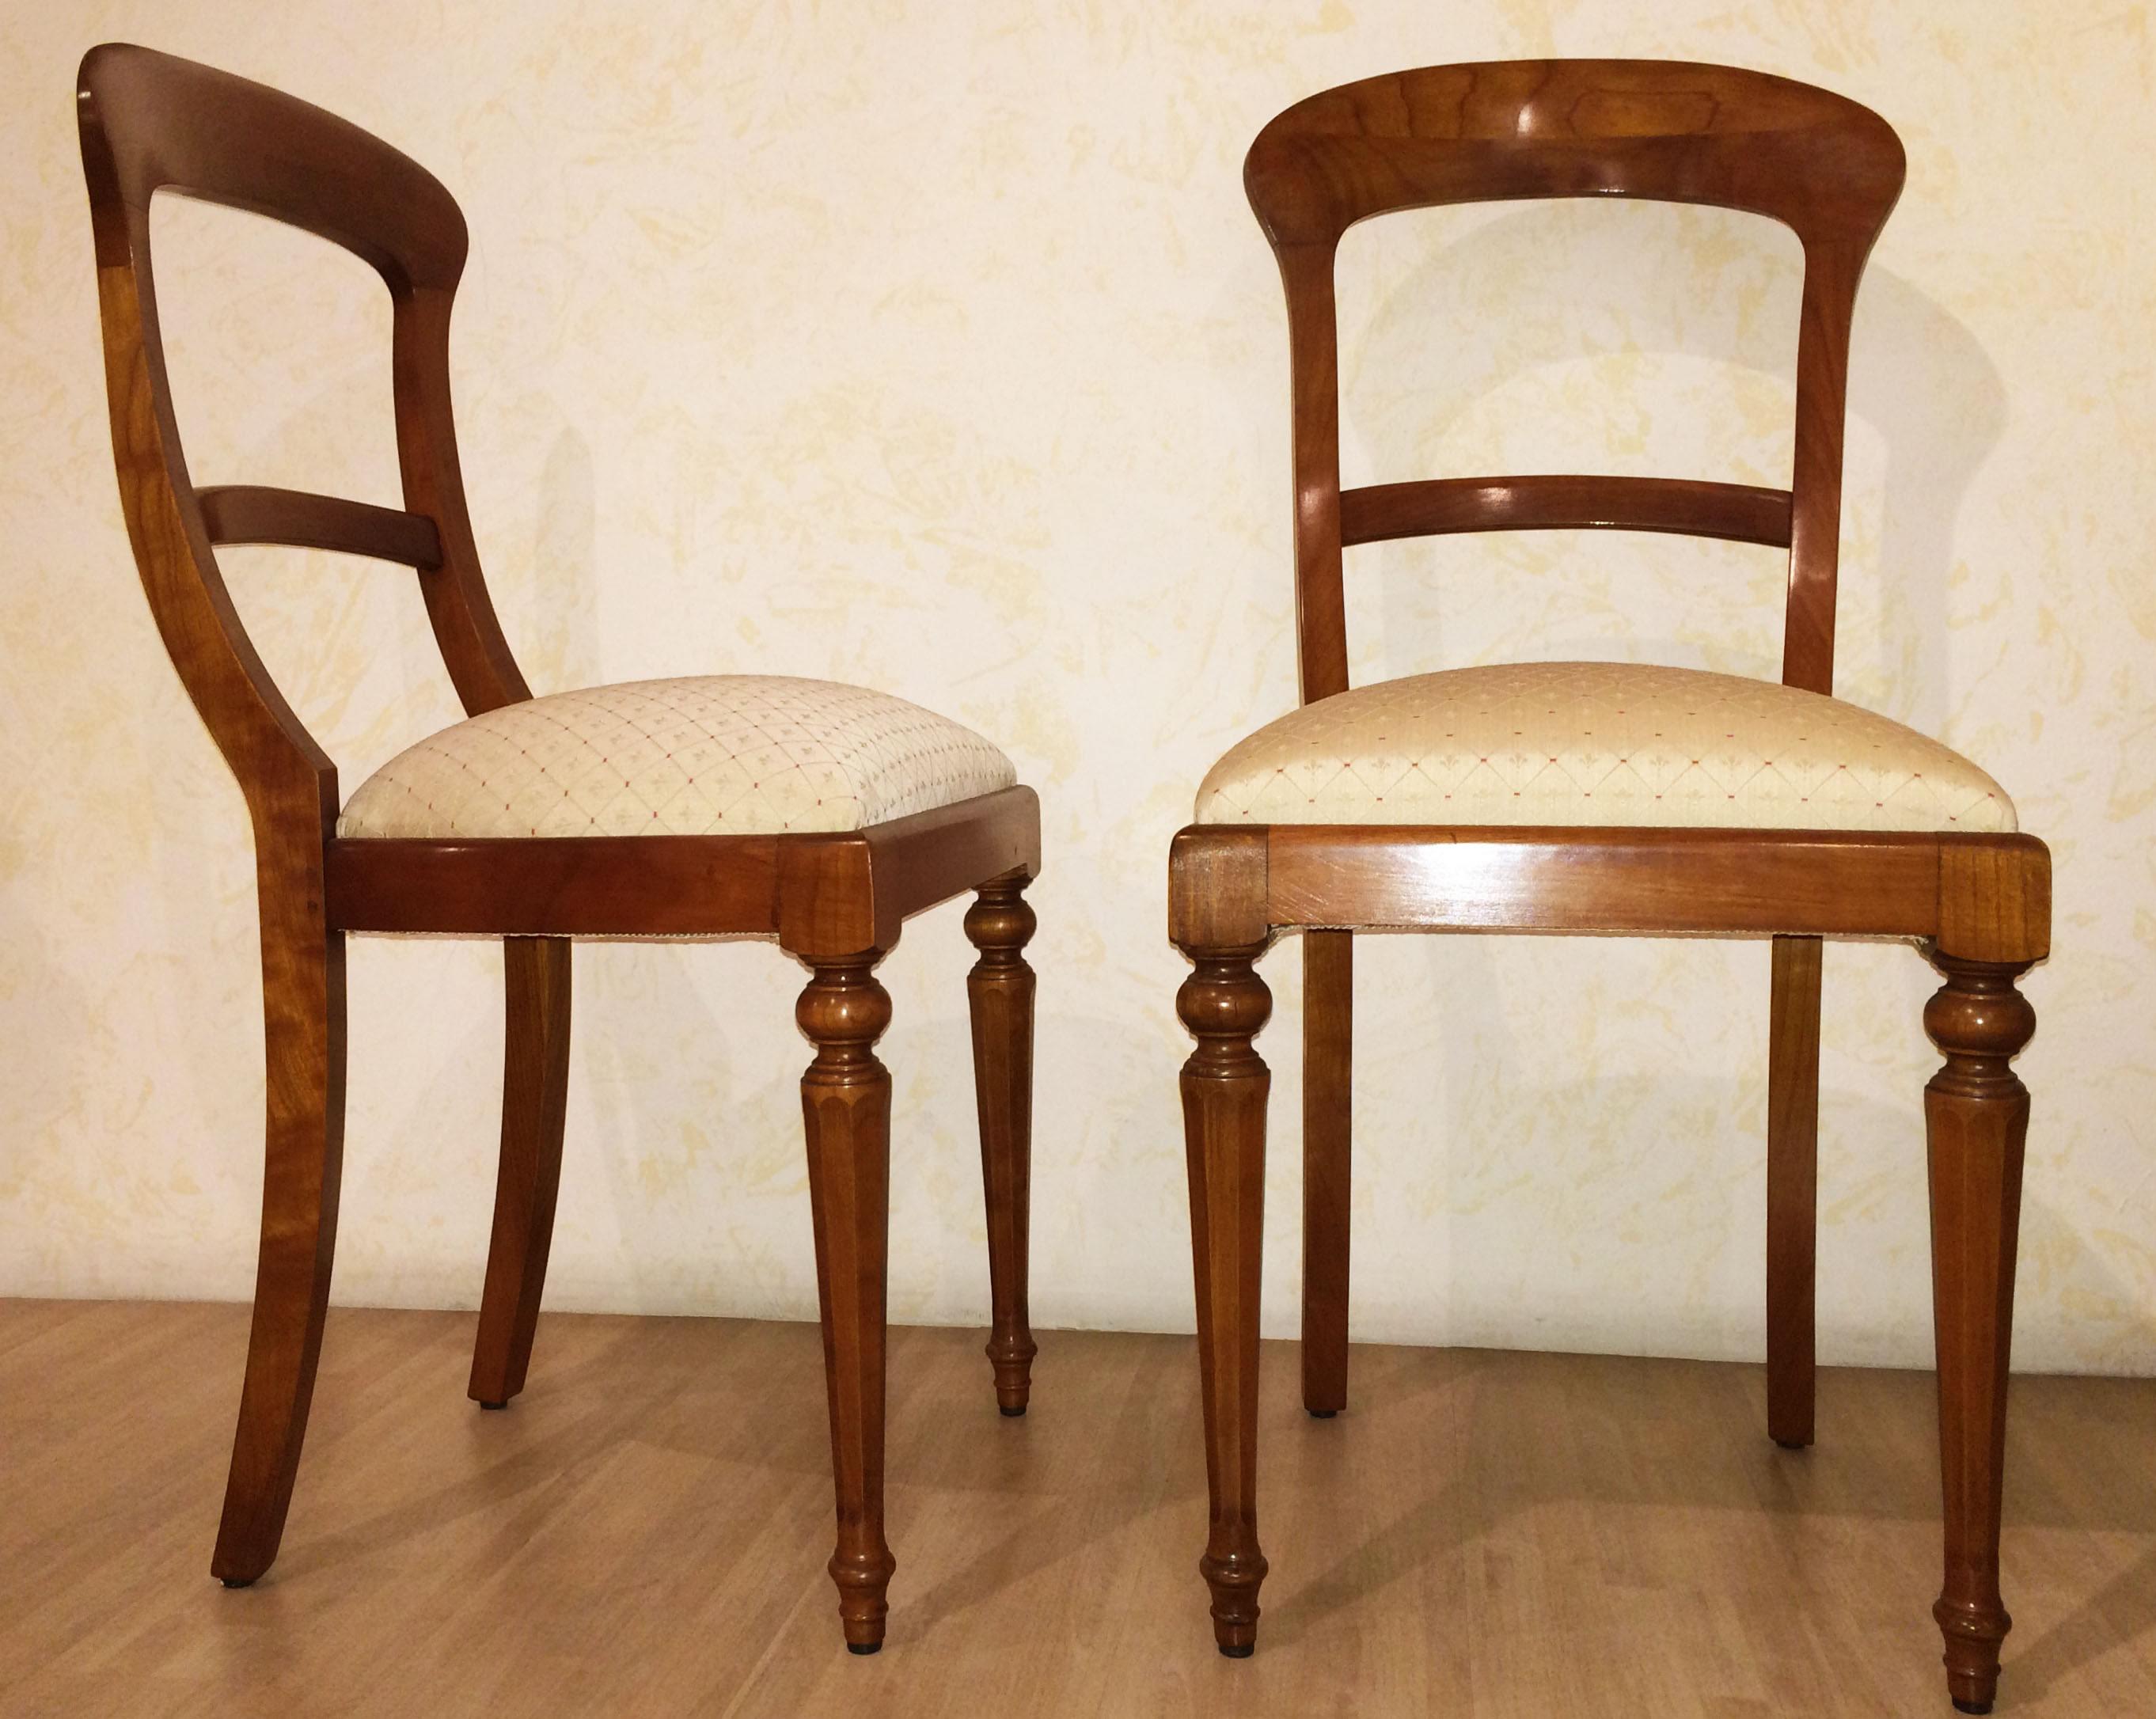 Sedia, Stile 800, in, legno massello, noce, chiaro, Newformsdesign ...